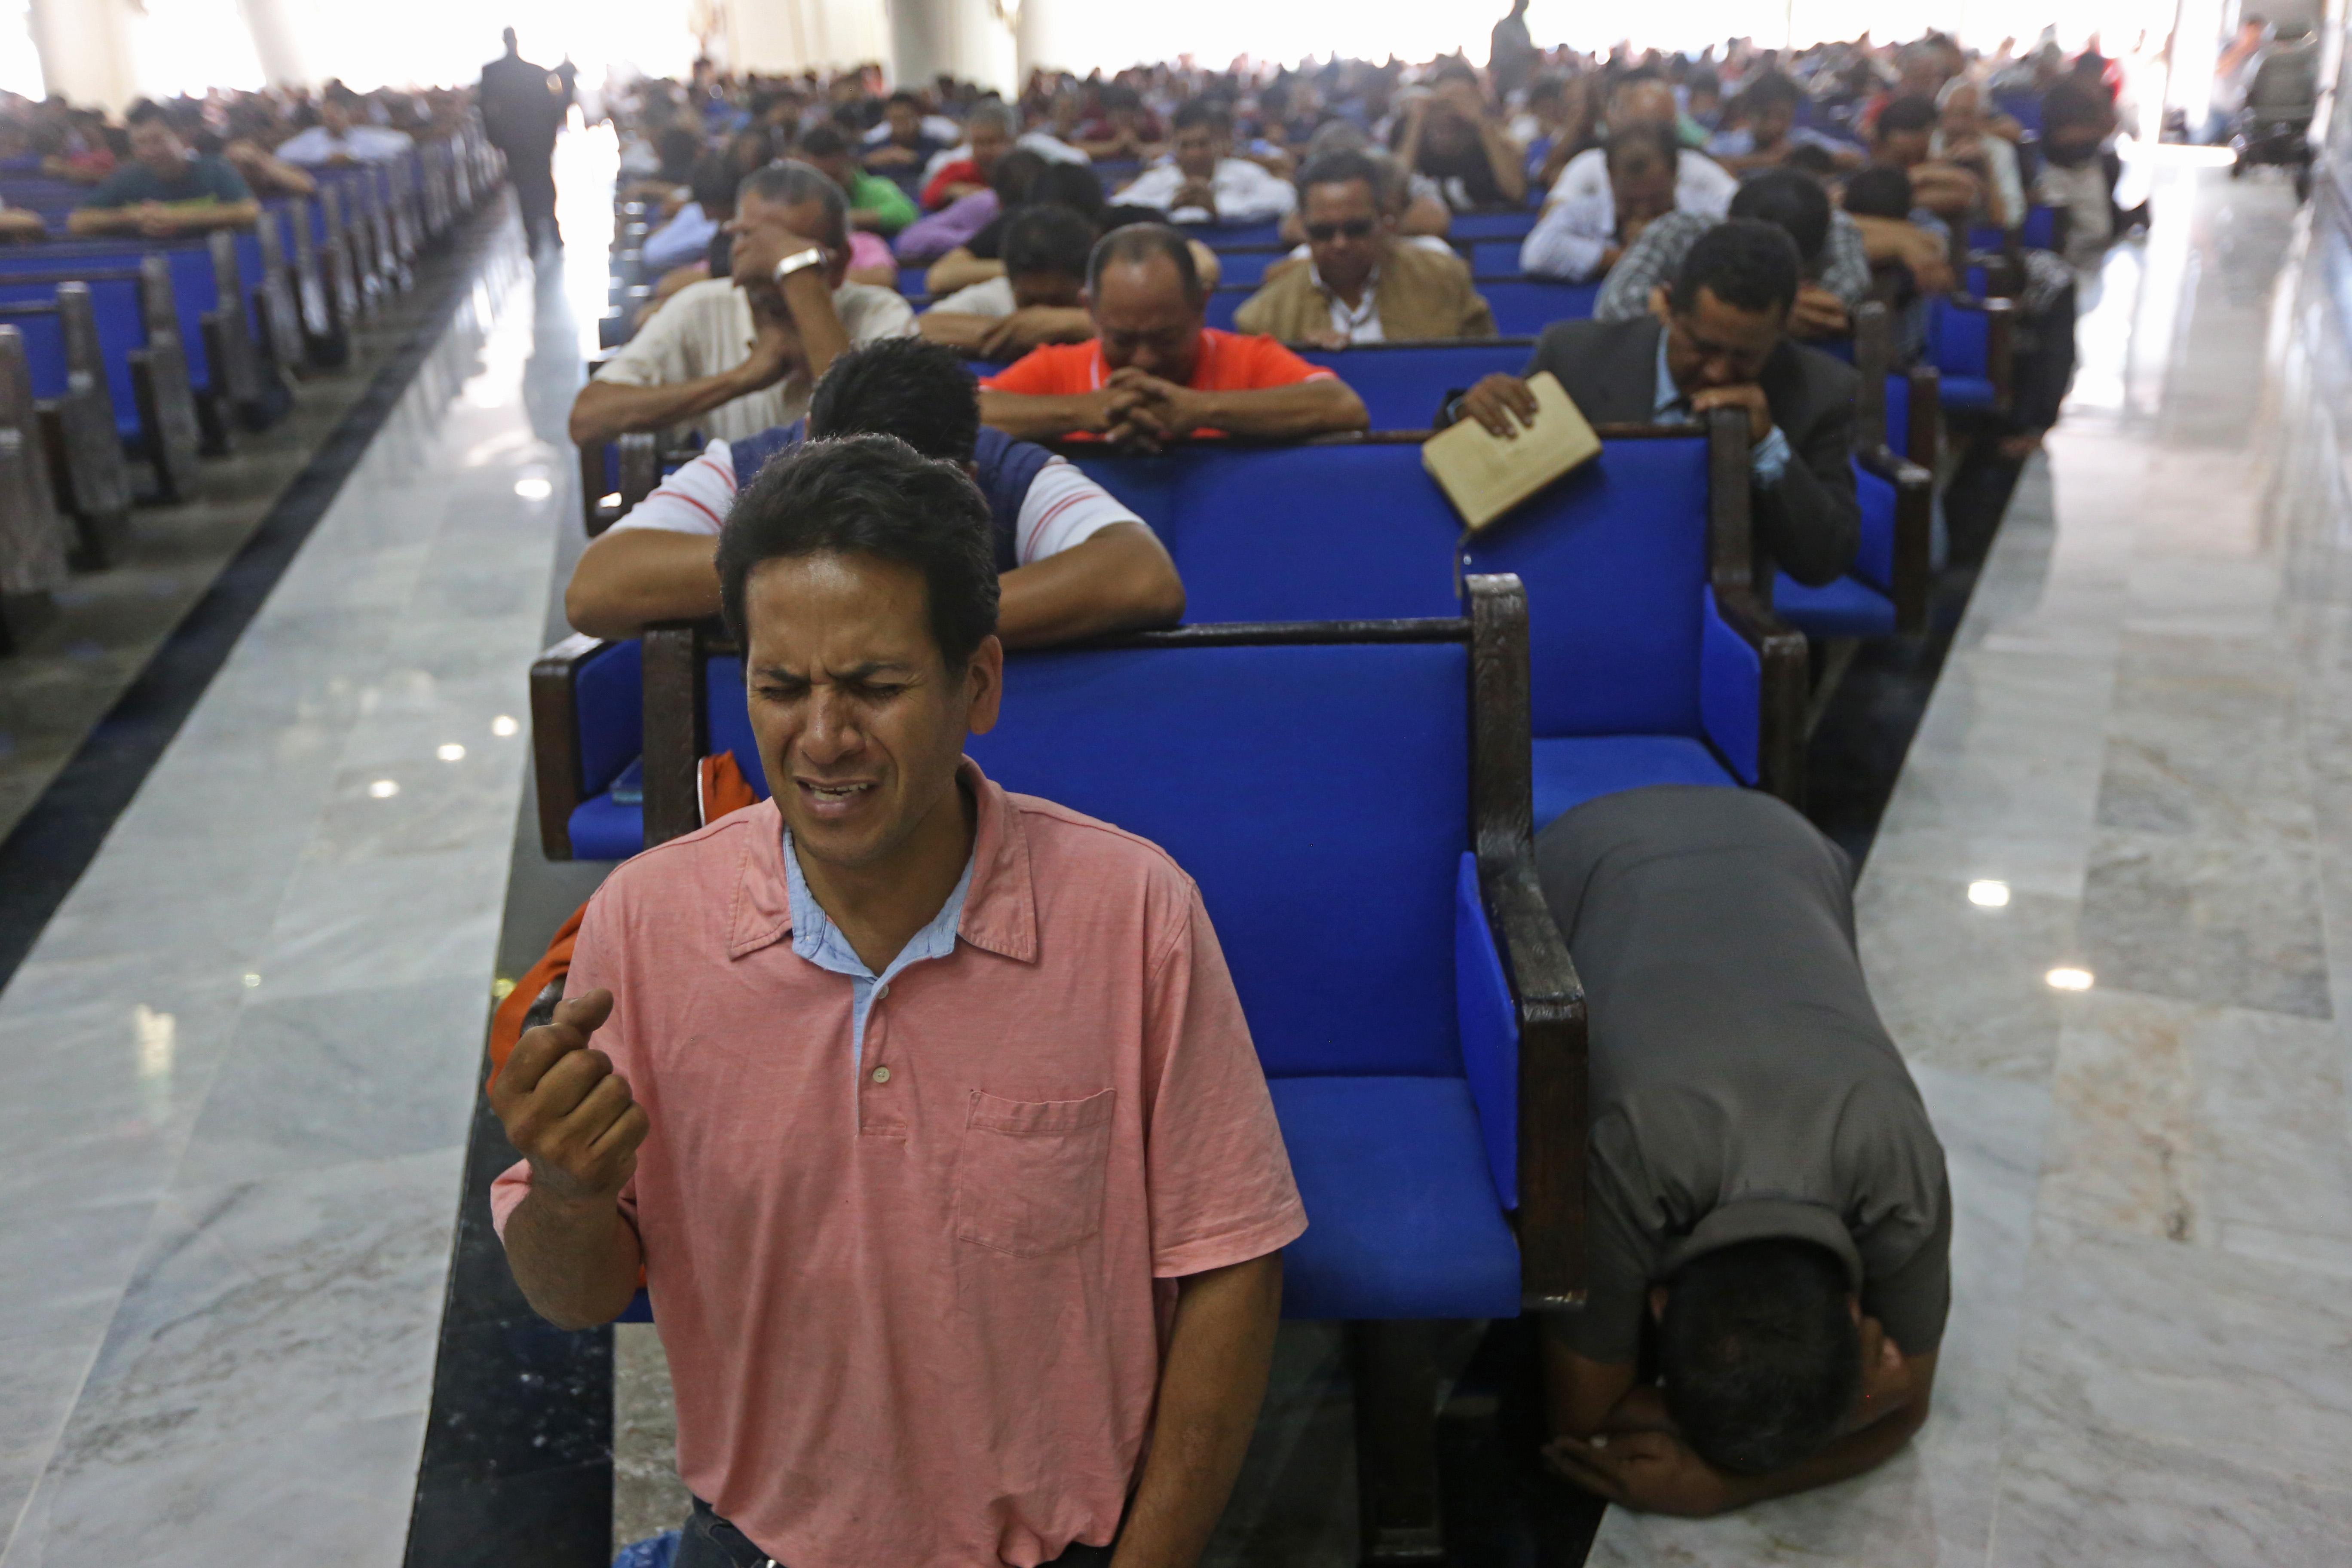 (FOTO: FERNANDO CARRANZA GARCIA / CUARTOSCURO)